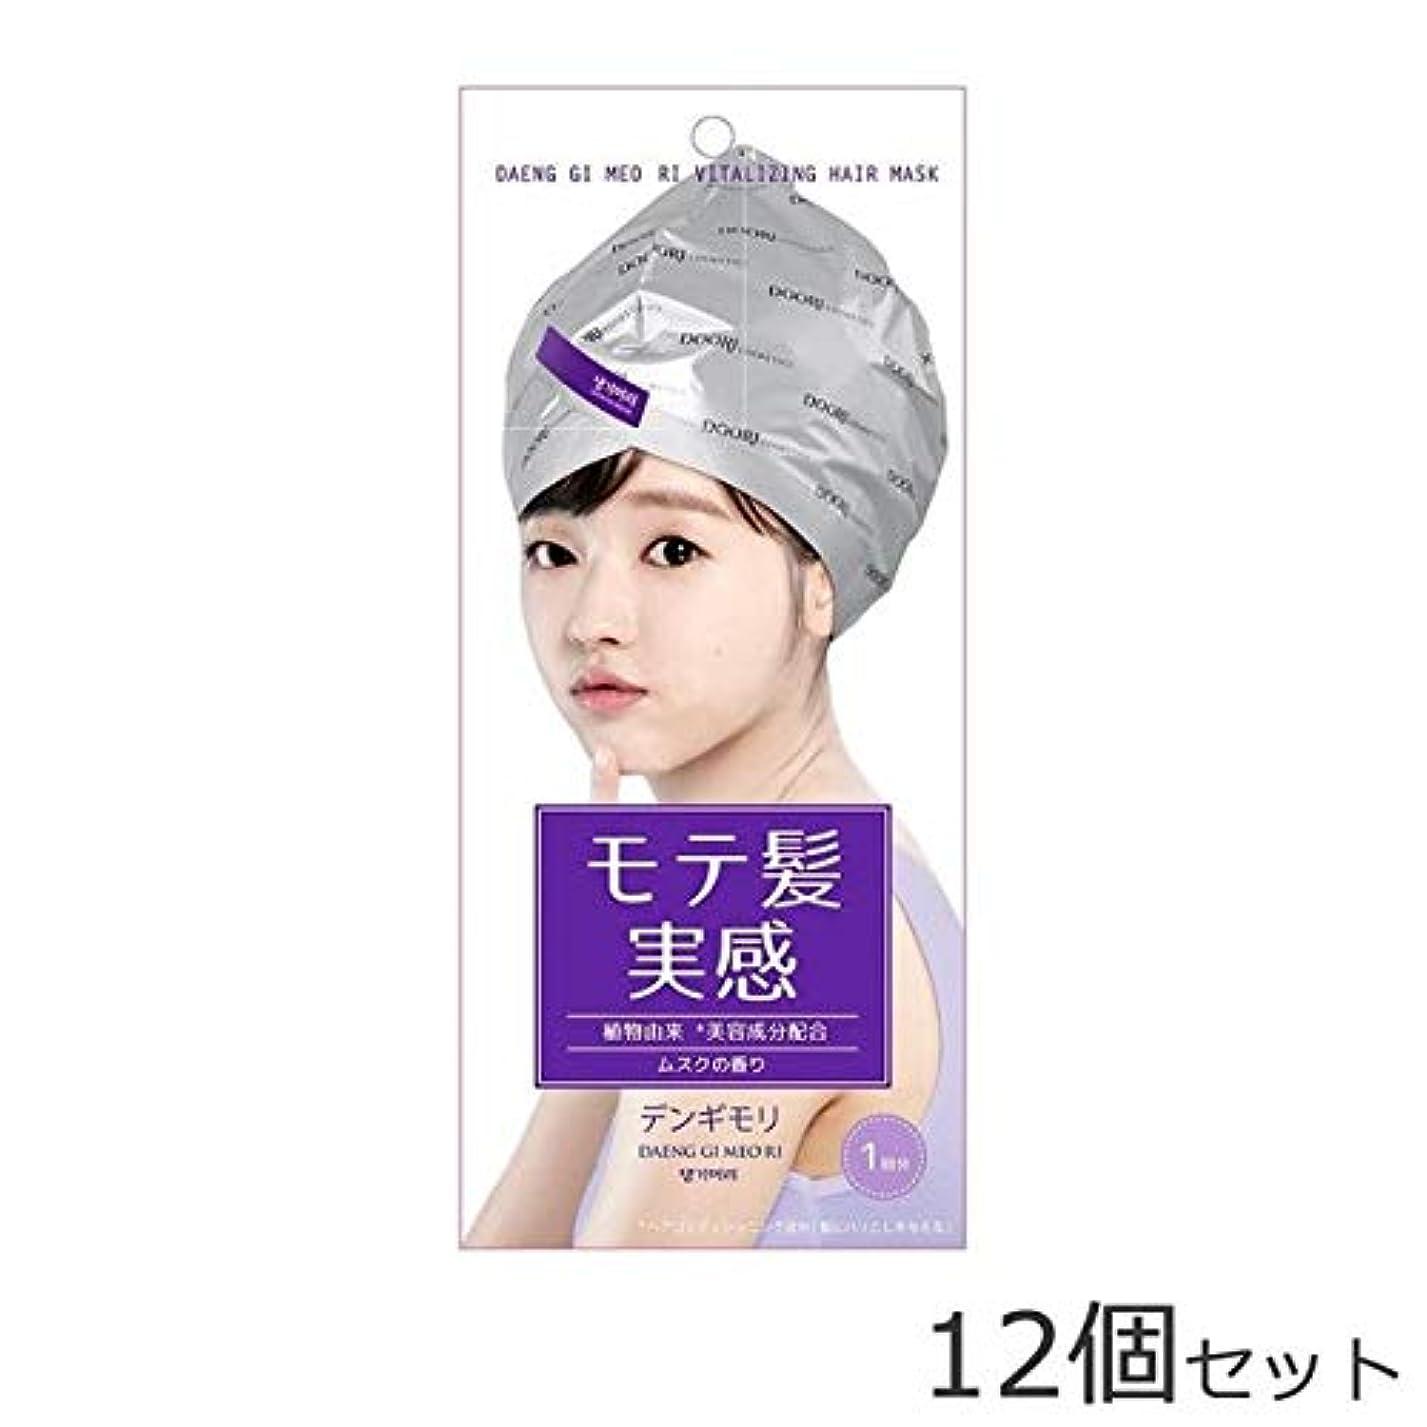 深遠意義子孫デンギモリ 珍気 集中ヘアマスク(洗い流すヘアトリートメント) 12個セット (マスクで簡単にサロンケア)